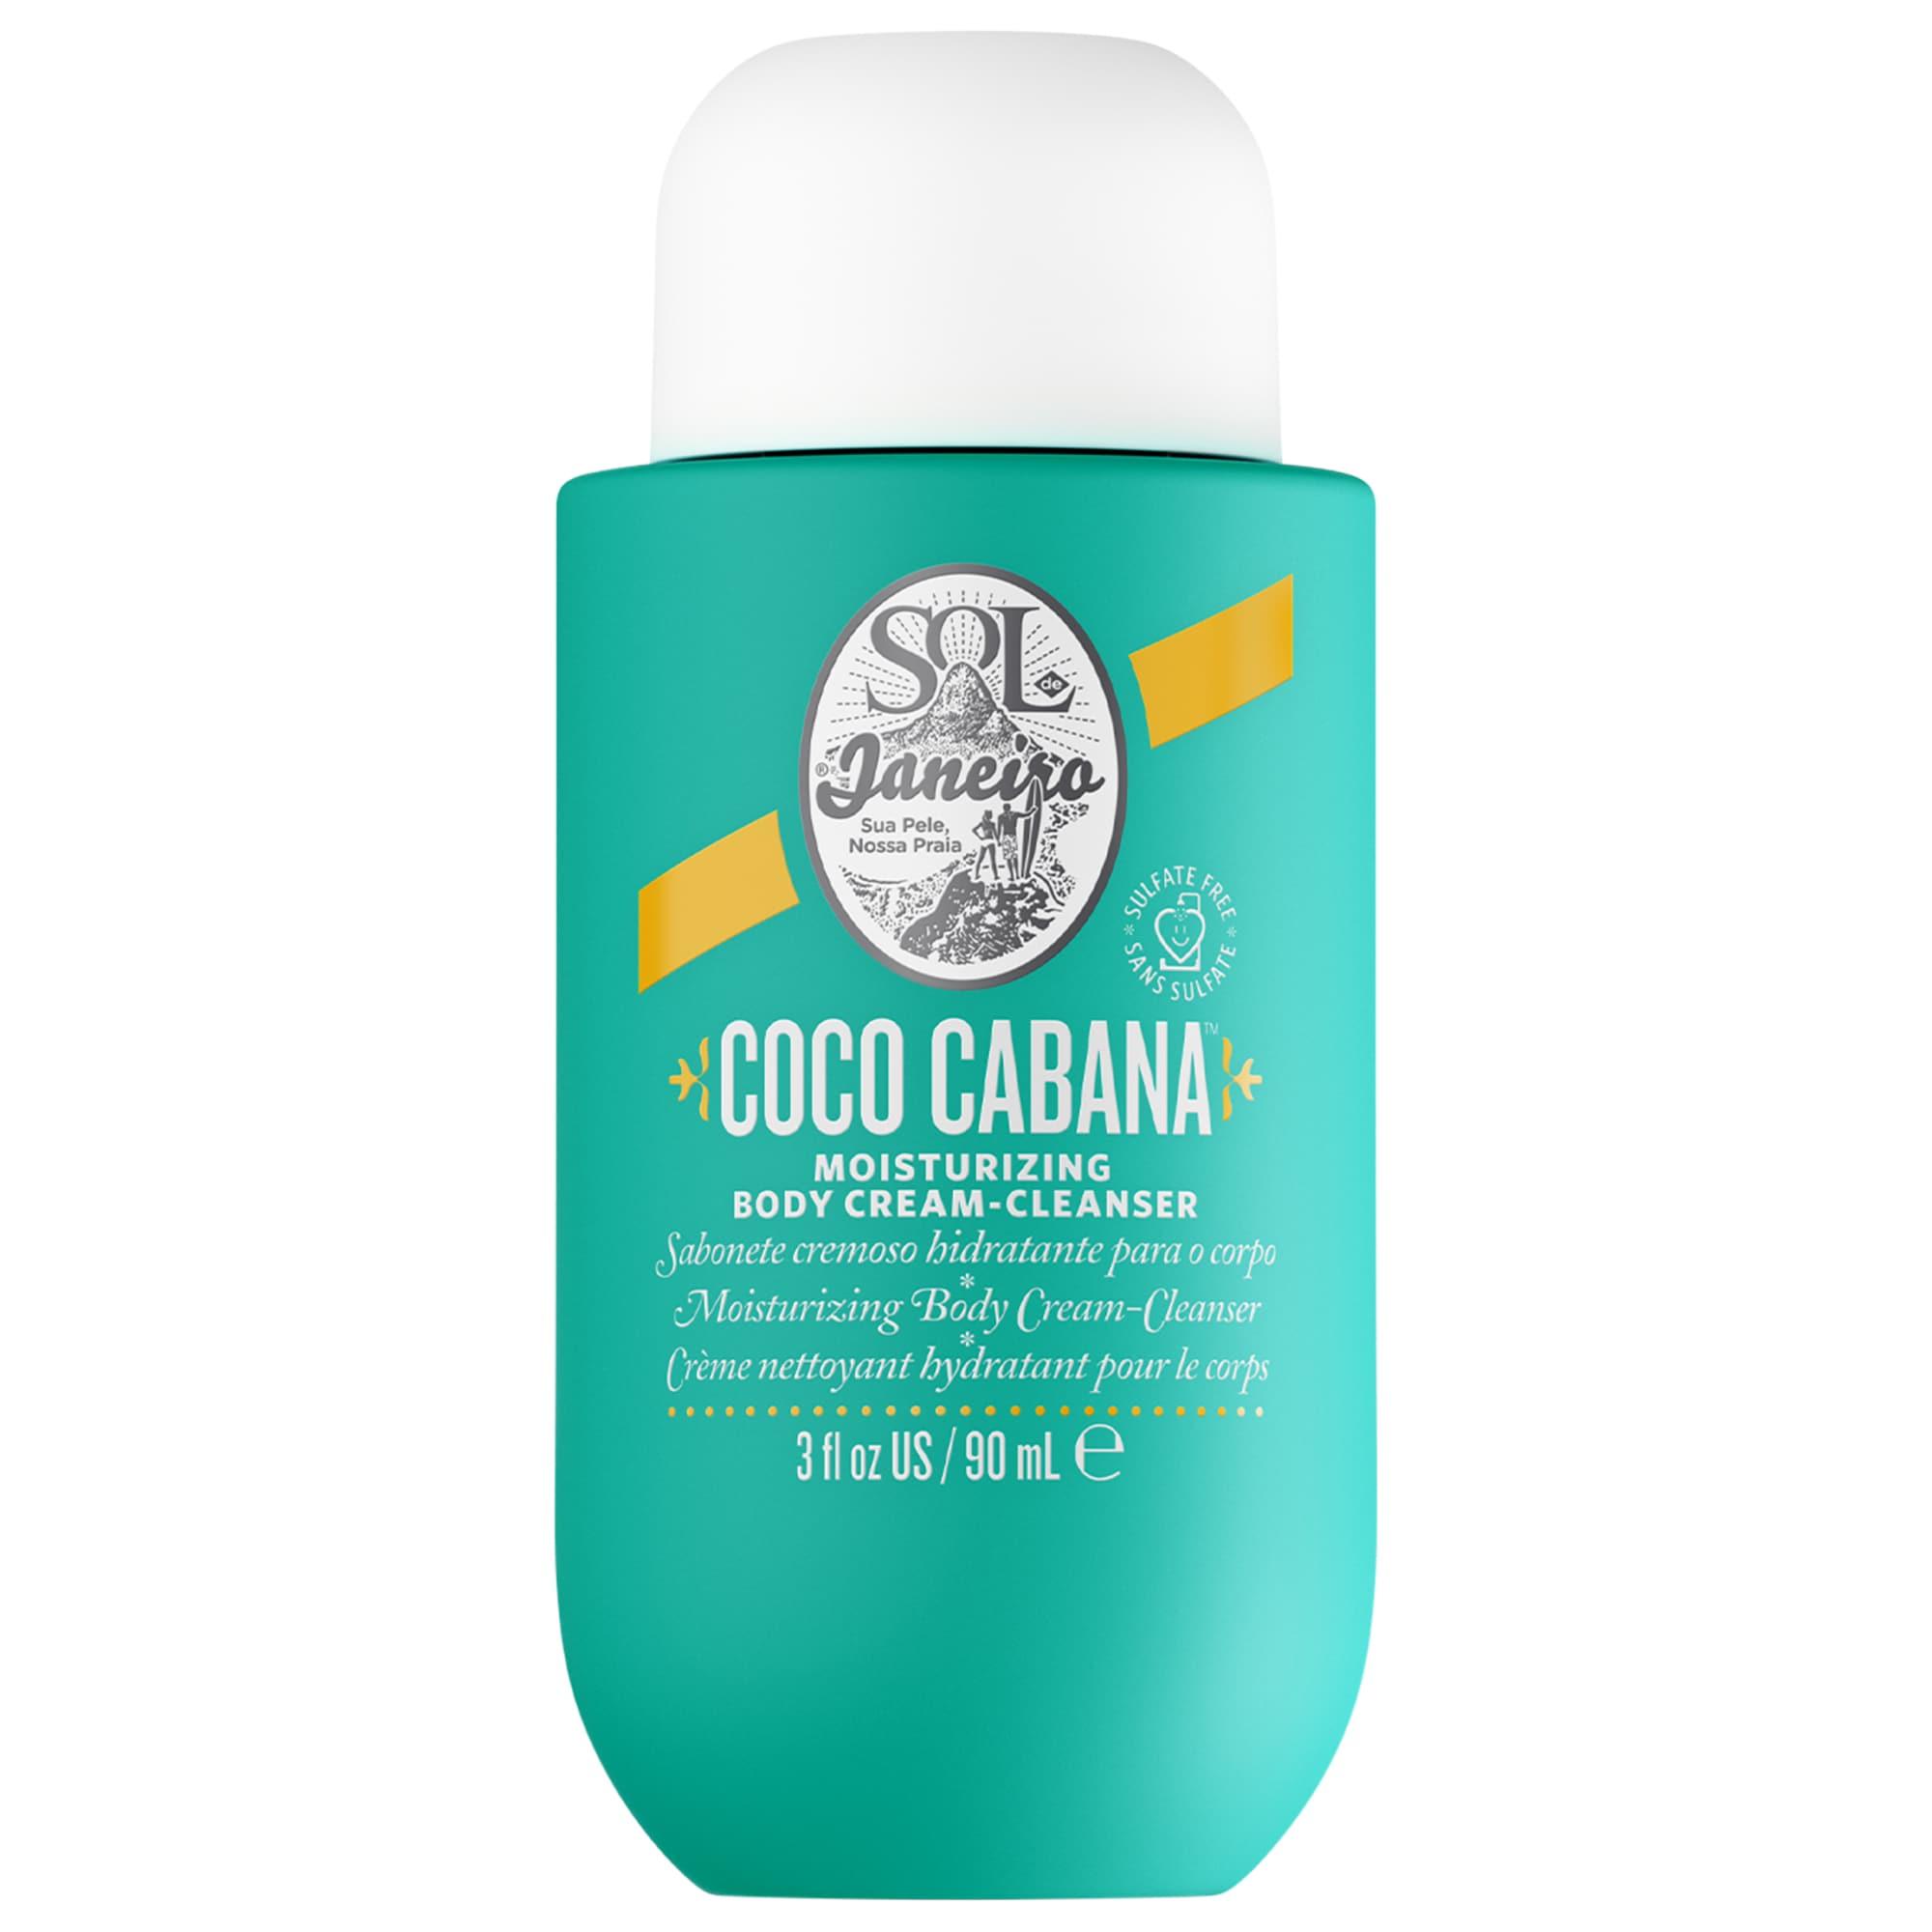 Sol De Janeiro - Coco Cabana Moisturizing Body Cream-Cleanser